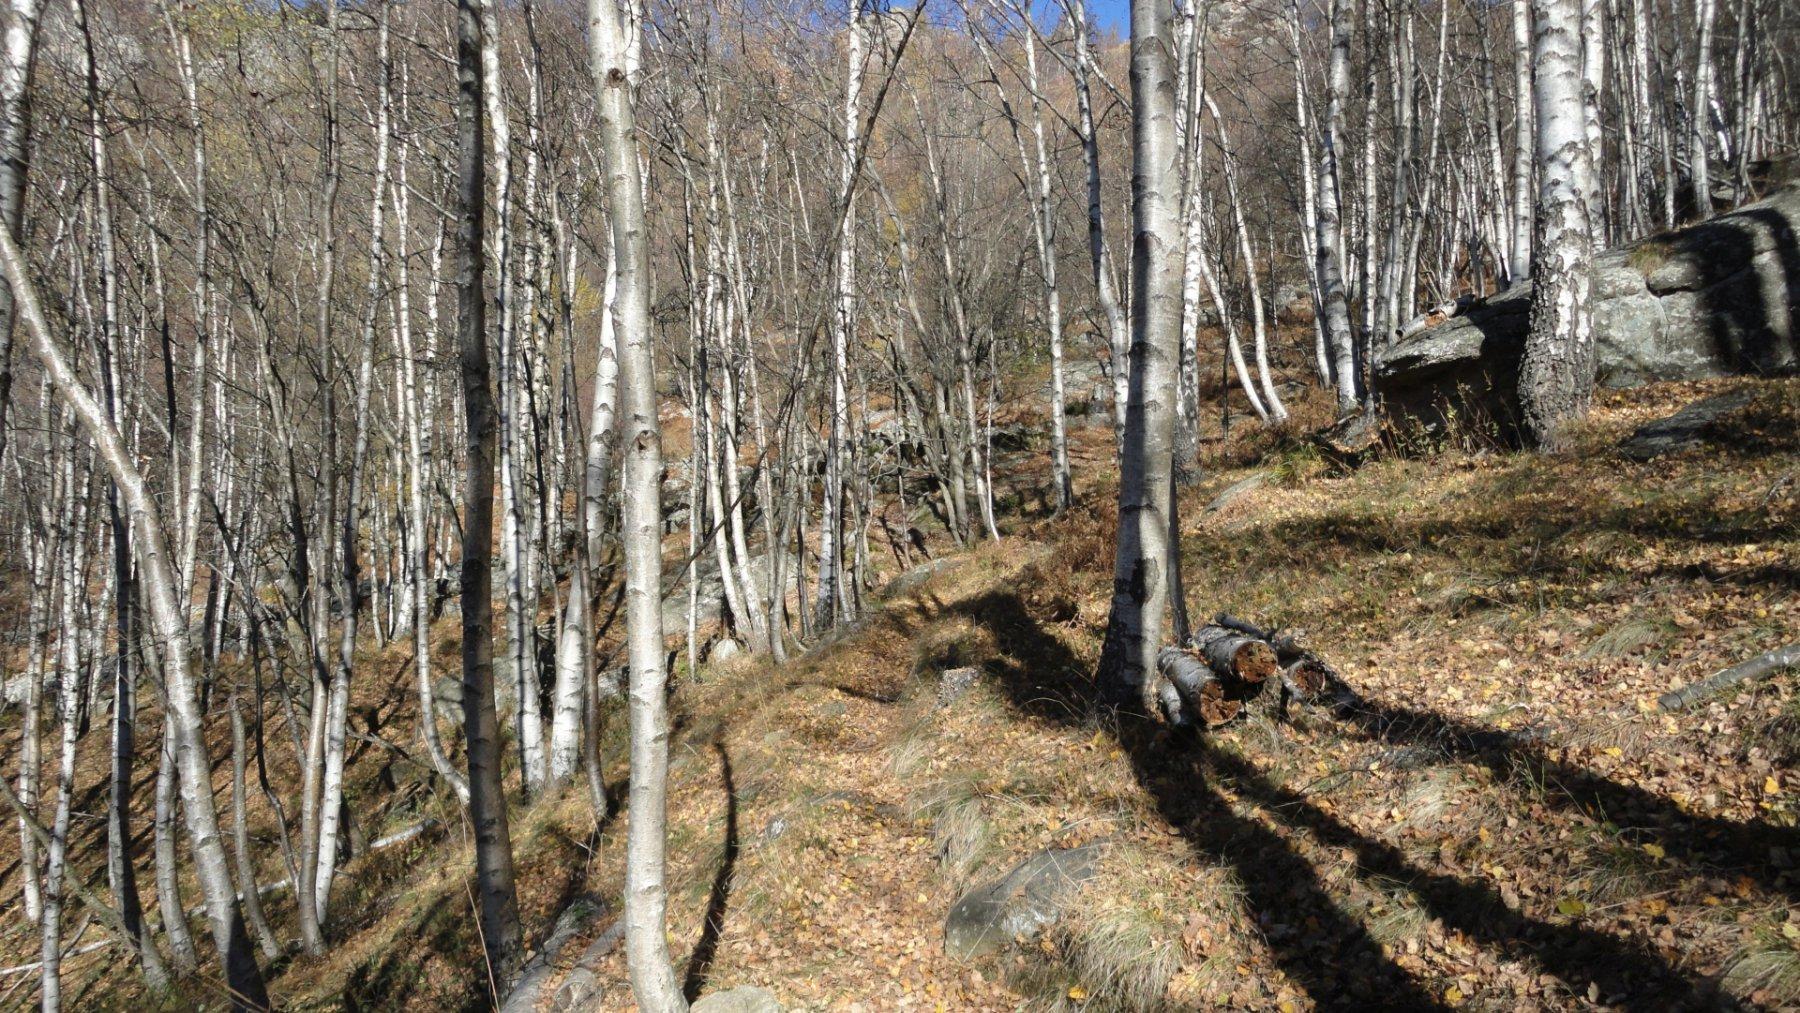 il sentiero proveniente da B.ga Bustera, dopo aver  superato una zona di grossi blocchi su cui è possibile praticare bouldering, volge a sx attraversando questo magnifico bosco di betulle.  Da qui, entro pochi minuti, si giunge alla base delle pareti